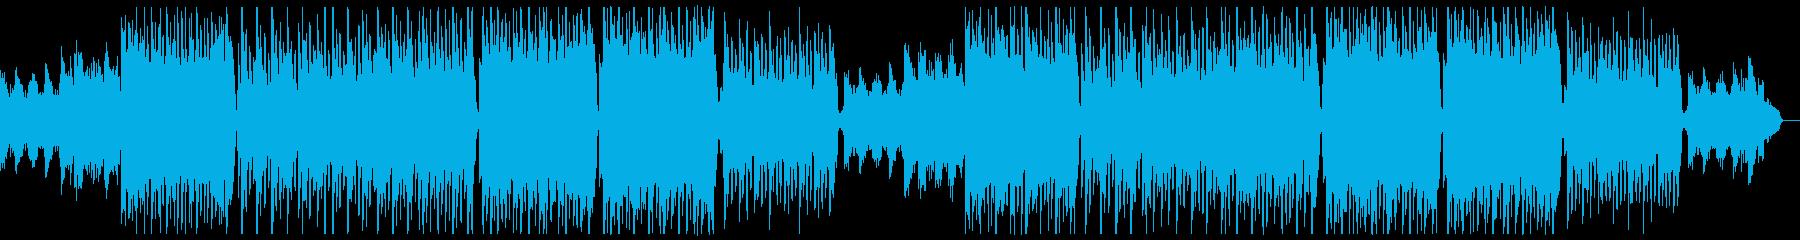 明るく爽やかなピアノ&シンセ:フルx2の再生済みの波形